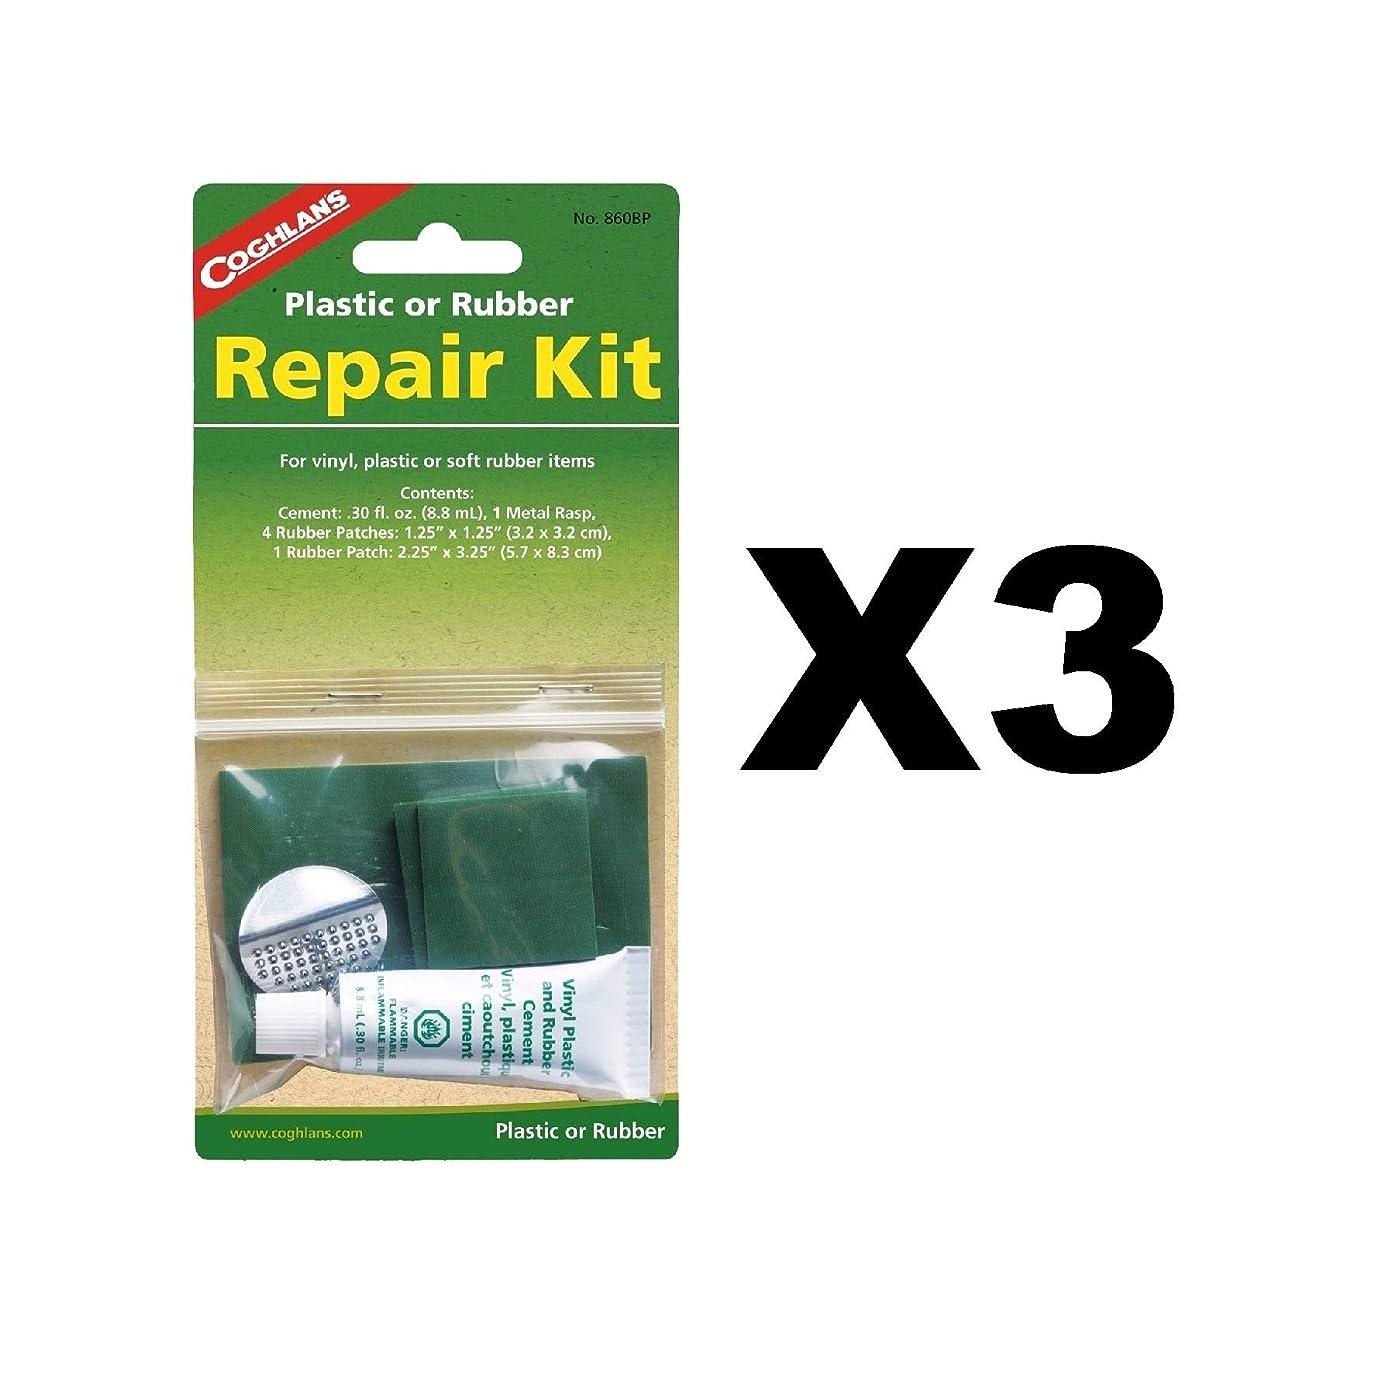 認証吸収剤近代化Coghlan 'sプラスチックまたはゴム修理キットW / 0.3?FLオンスラバーパッチ( 3?- Pack )